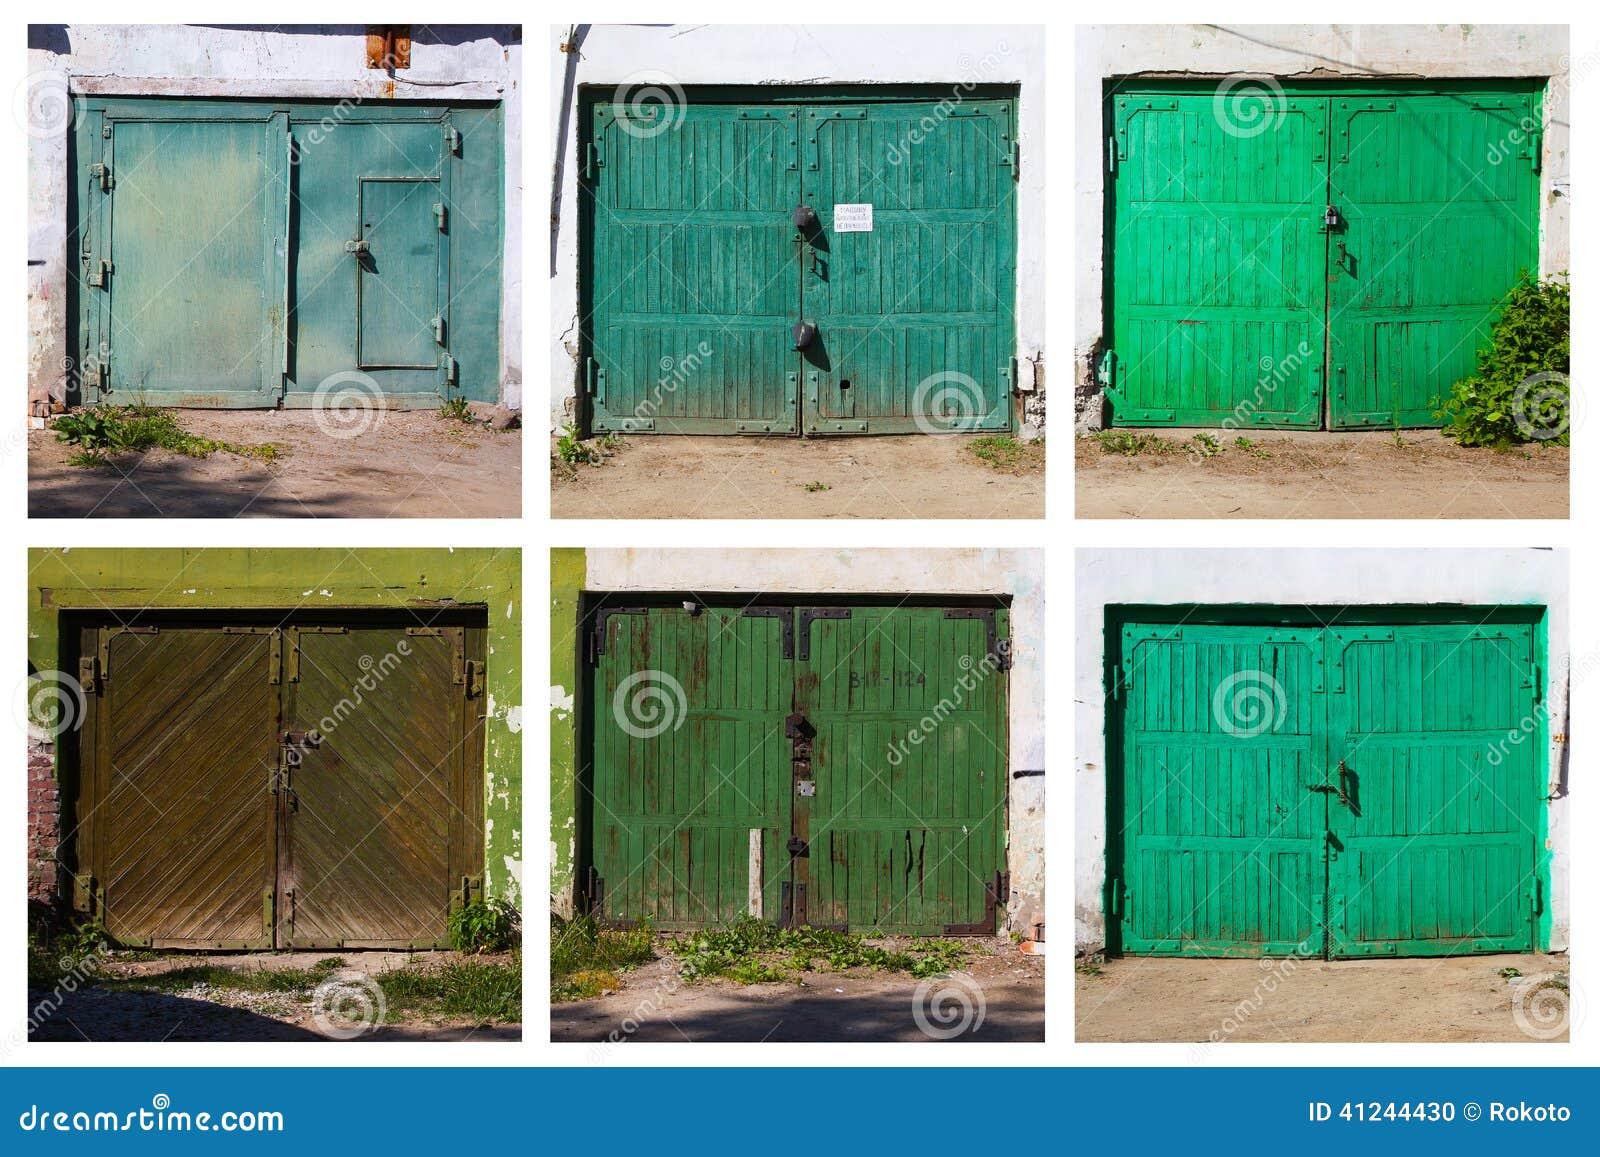 Old Garage Door Six Pictures Stock Photo Image 41244430